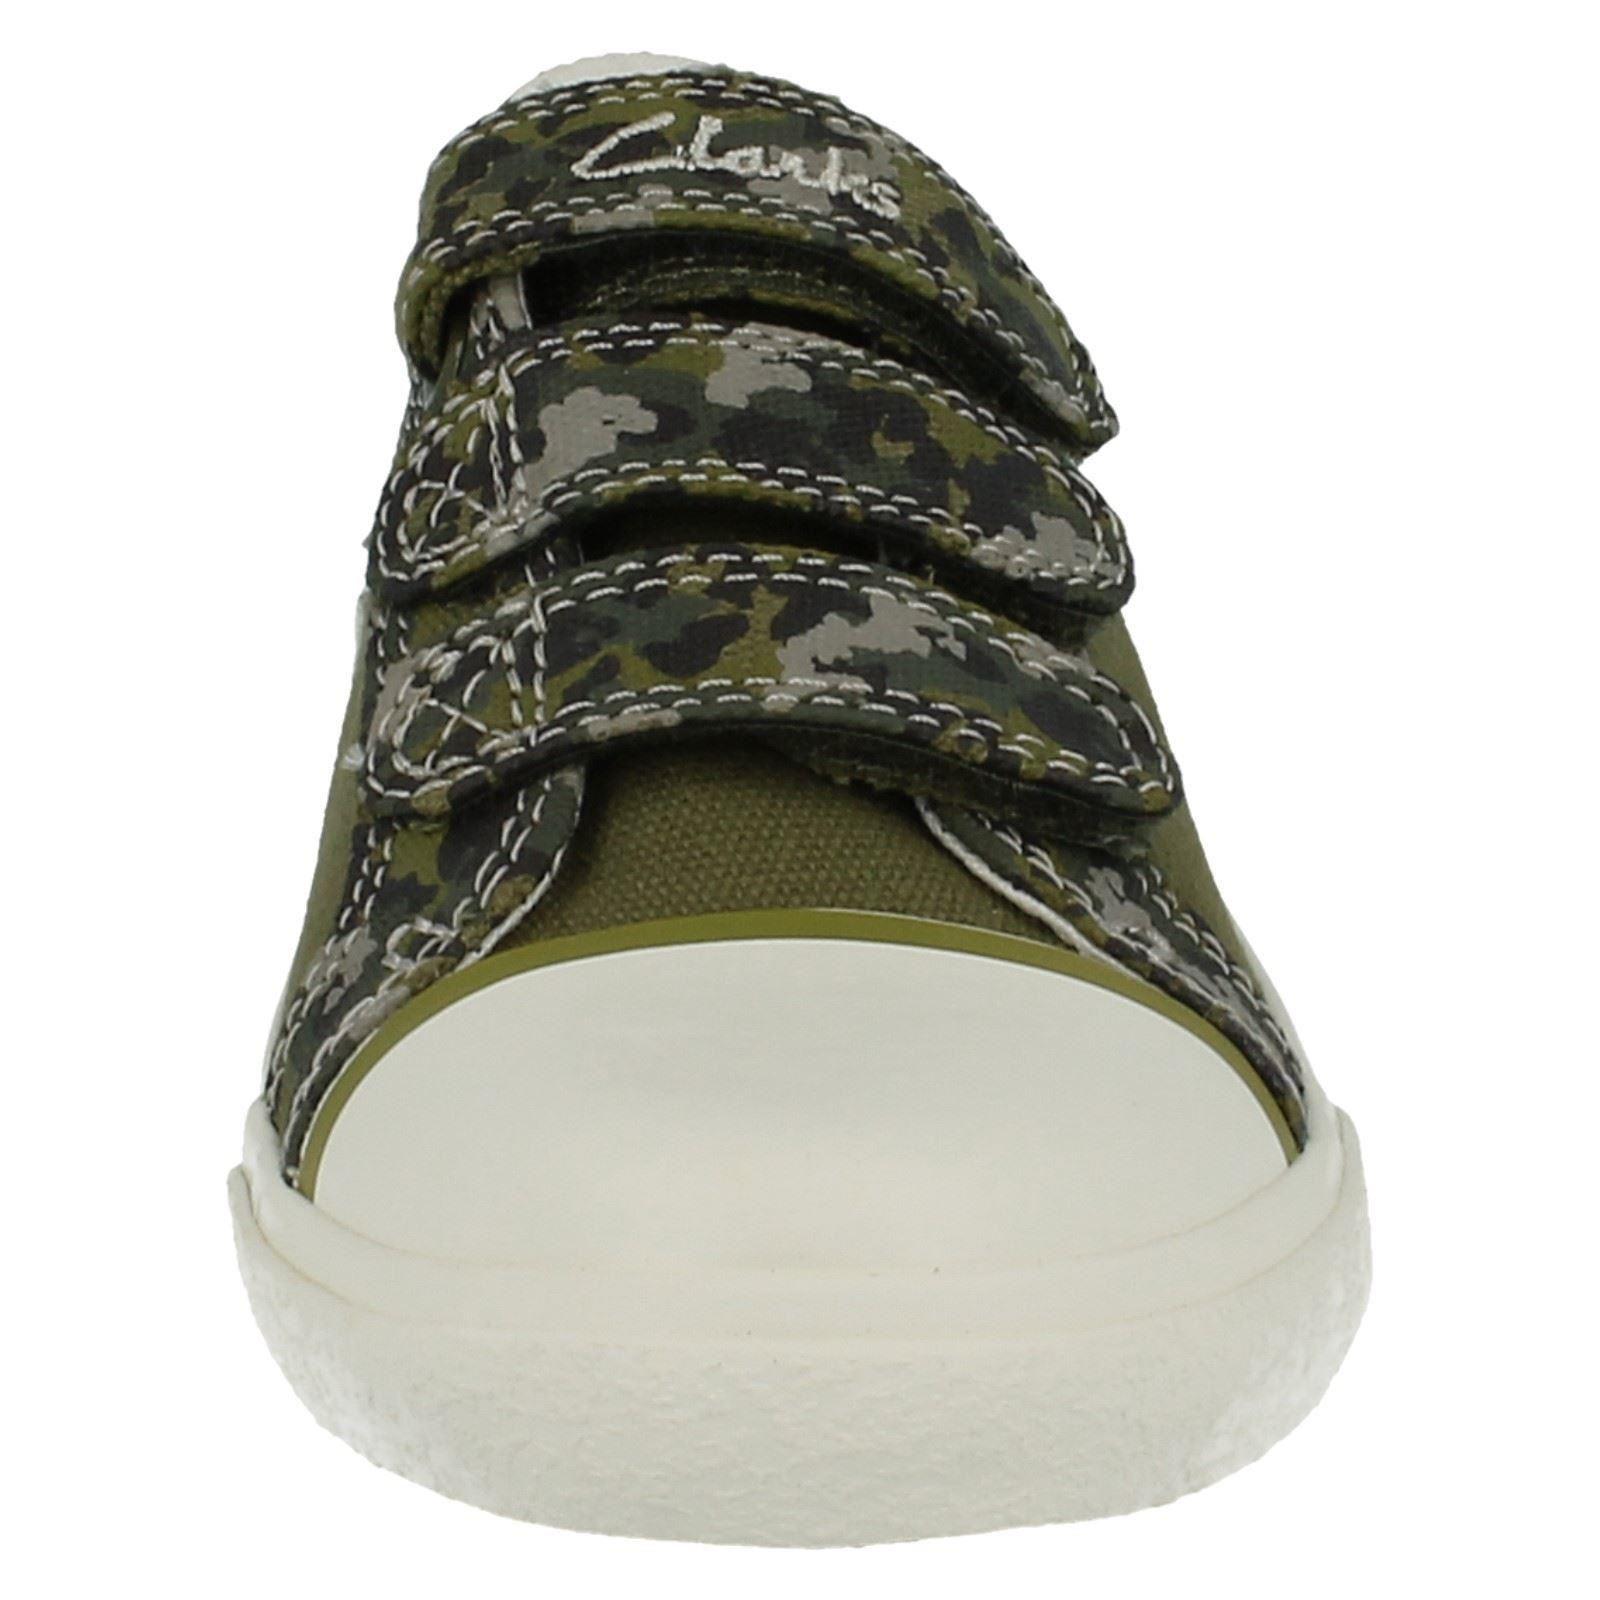 Chicos Clarks Zapatos Estilo-Feliz Chap